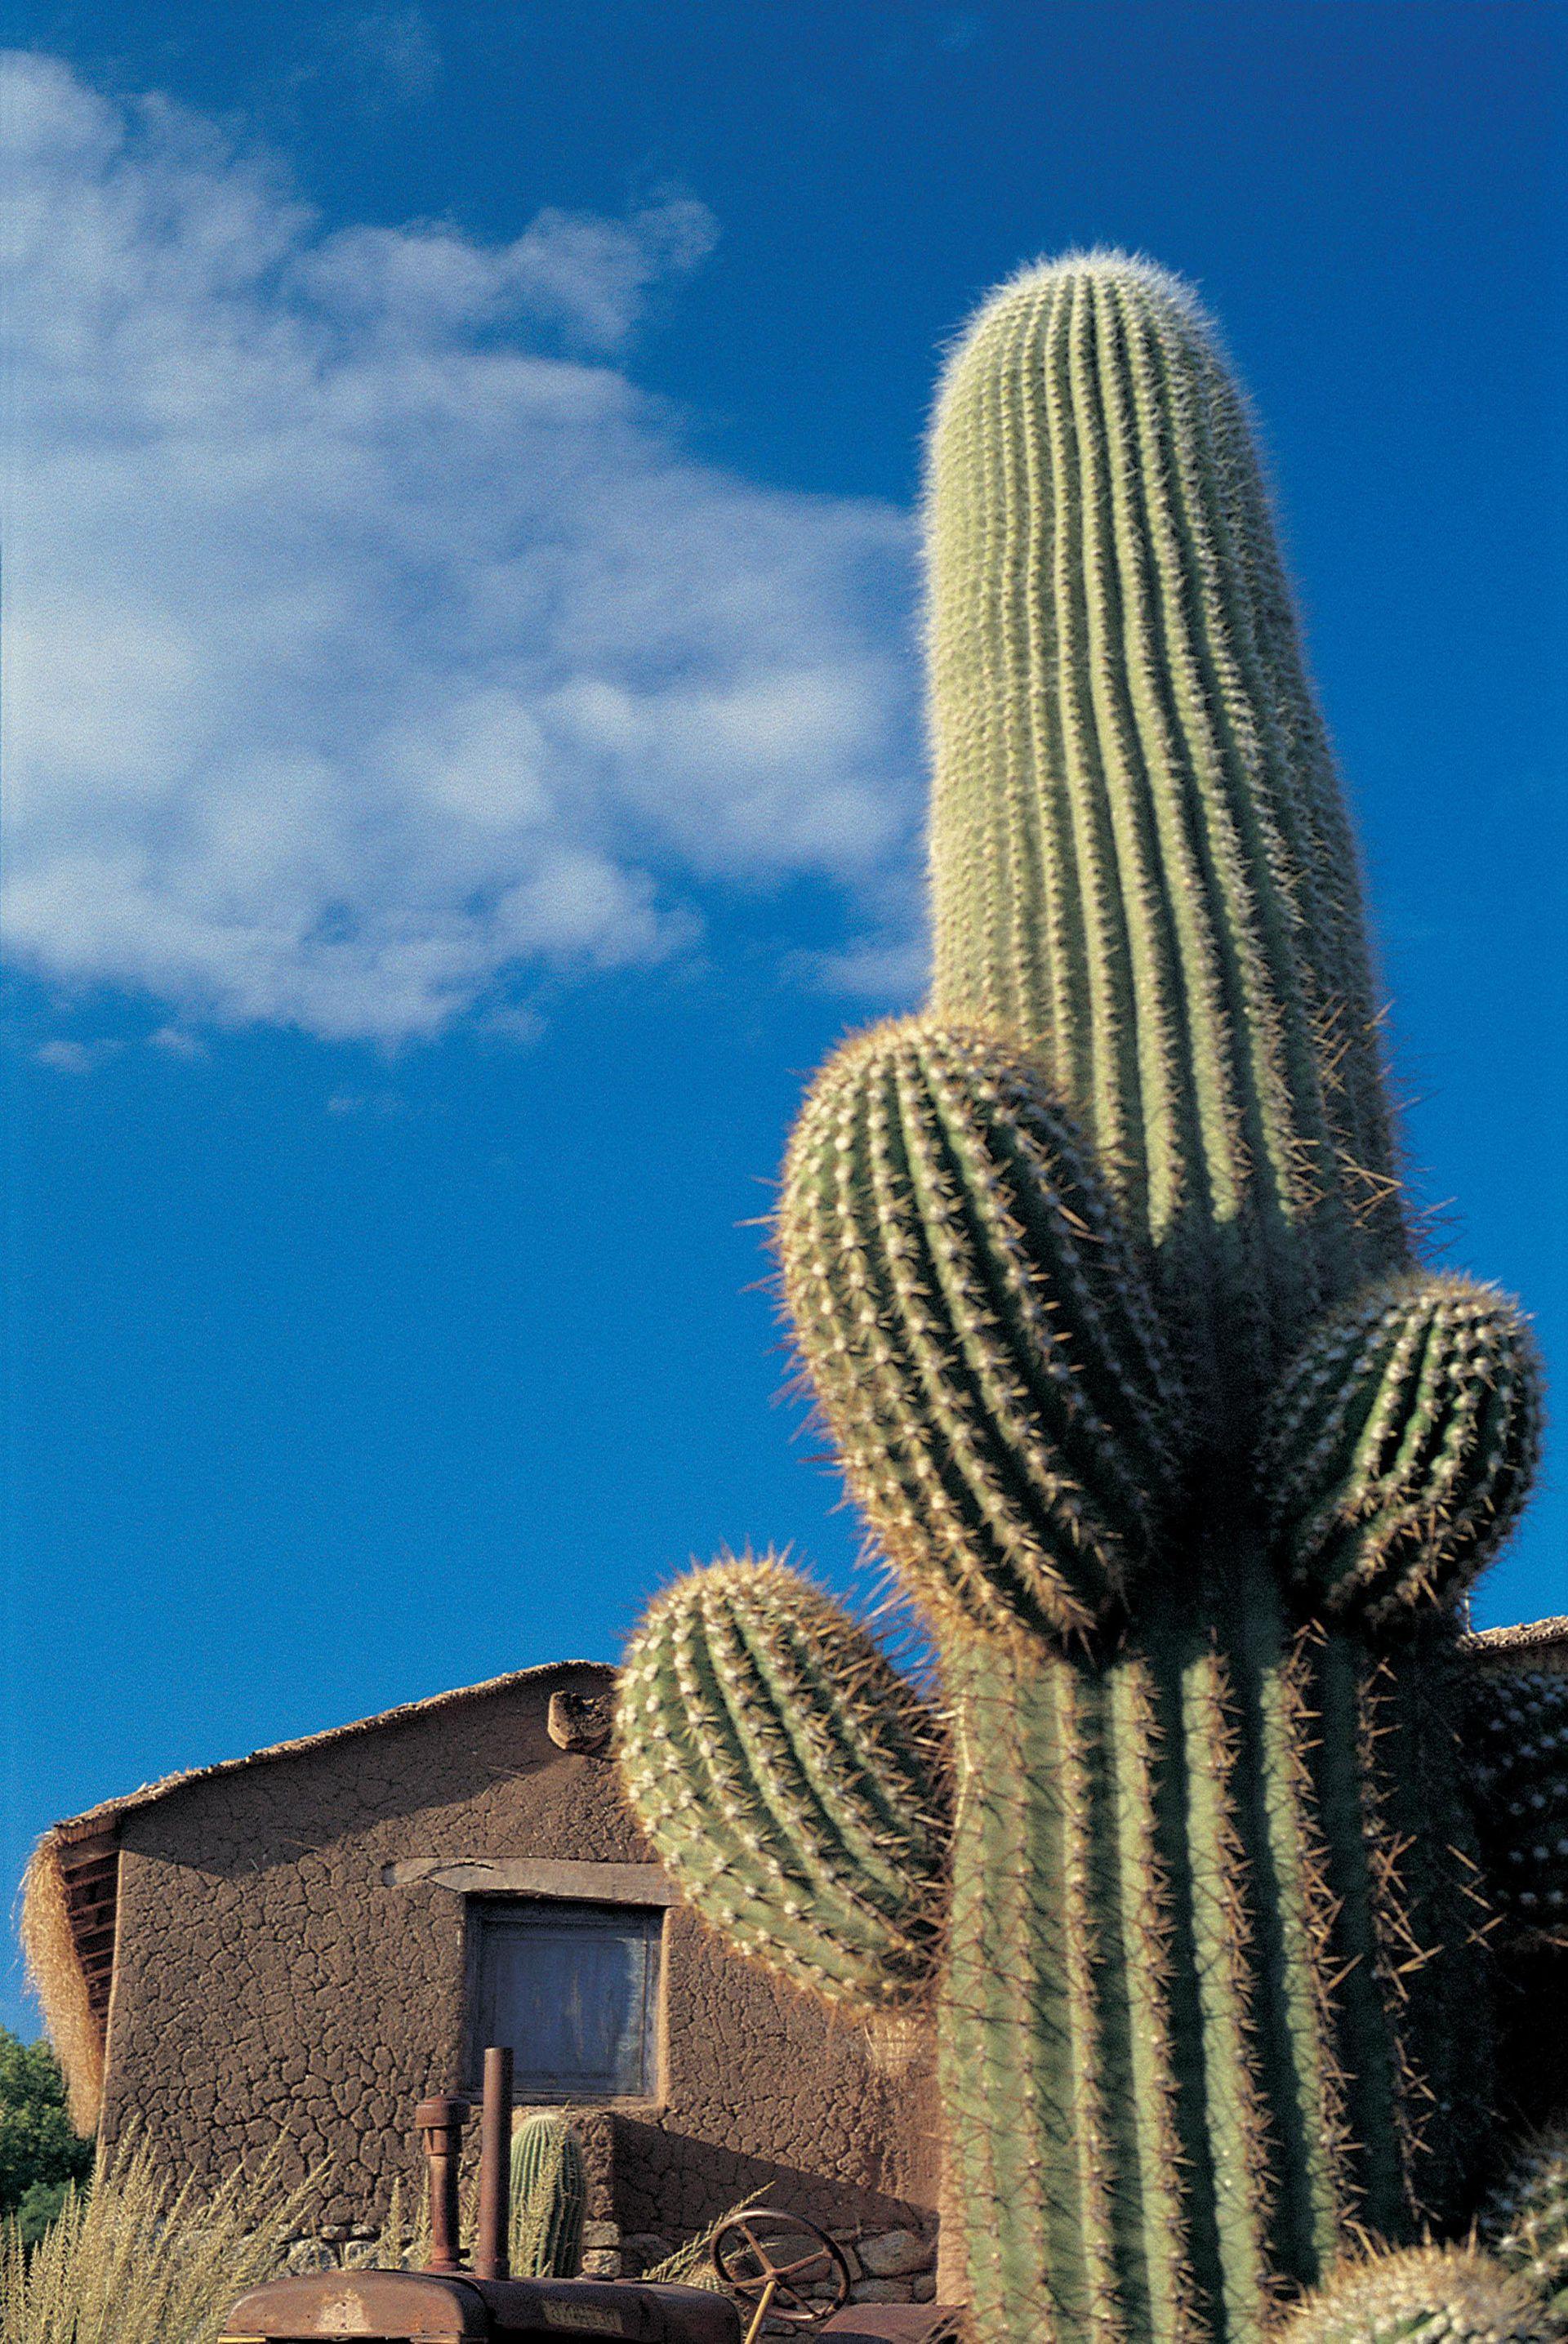 Inmenso y escultural, Trichocereus pasacana, conocido como Cardón, llega a medir 15 metros de alto.